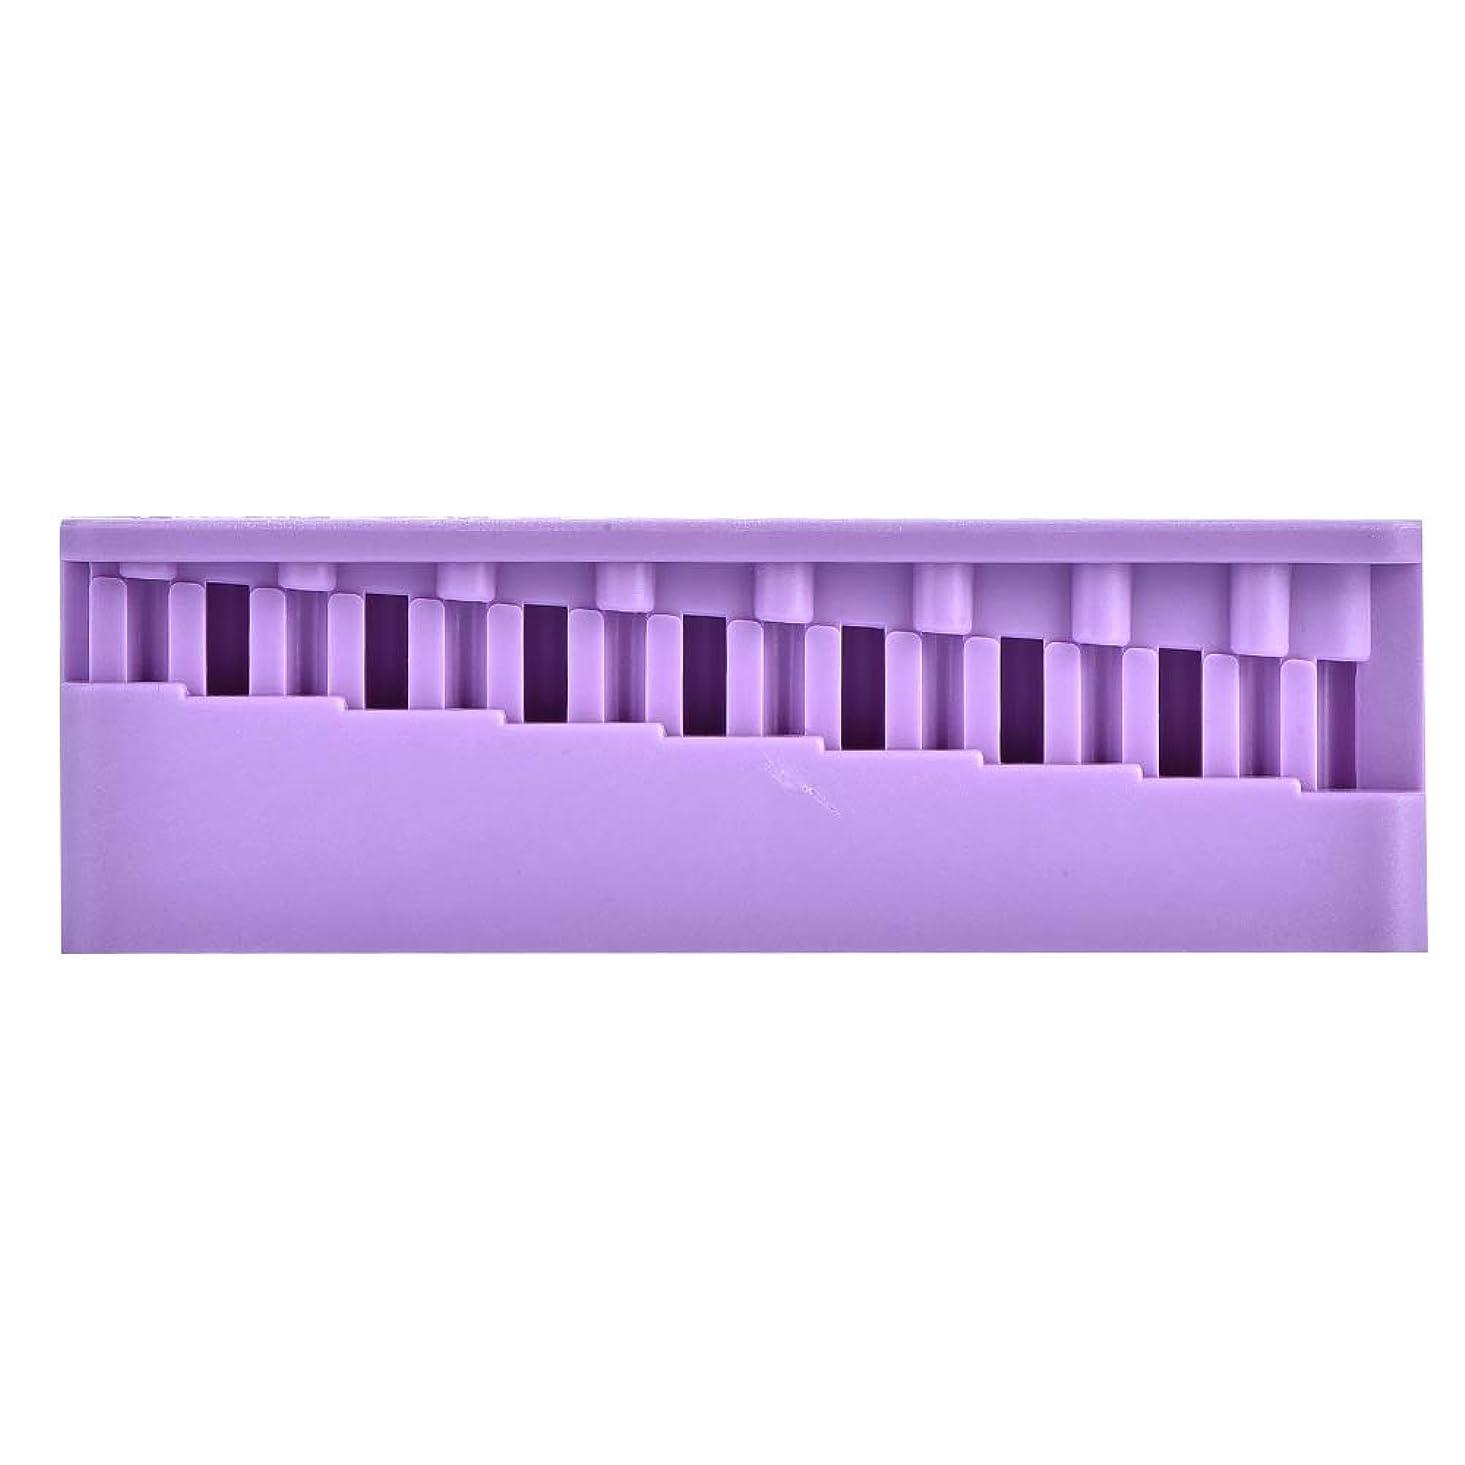 ナビゲーション寄り添うインタネットを見るNitrip 歯科測定ブロック 歯根テストボード 歯科用メジャーブロック 歯科用根管測定 歯根測定ツール 高温消毒 2色(紫色)